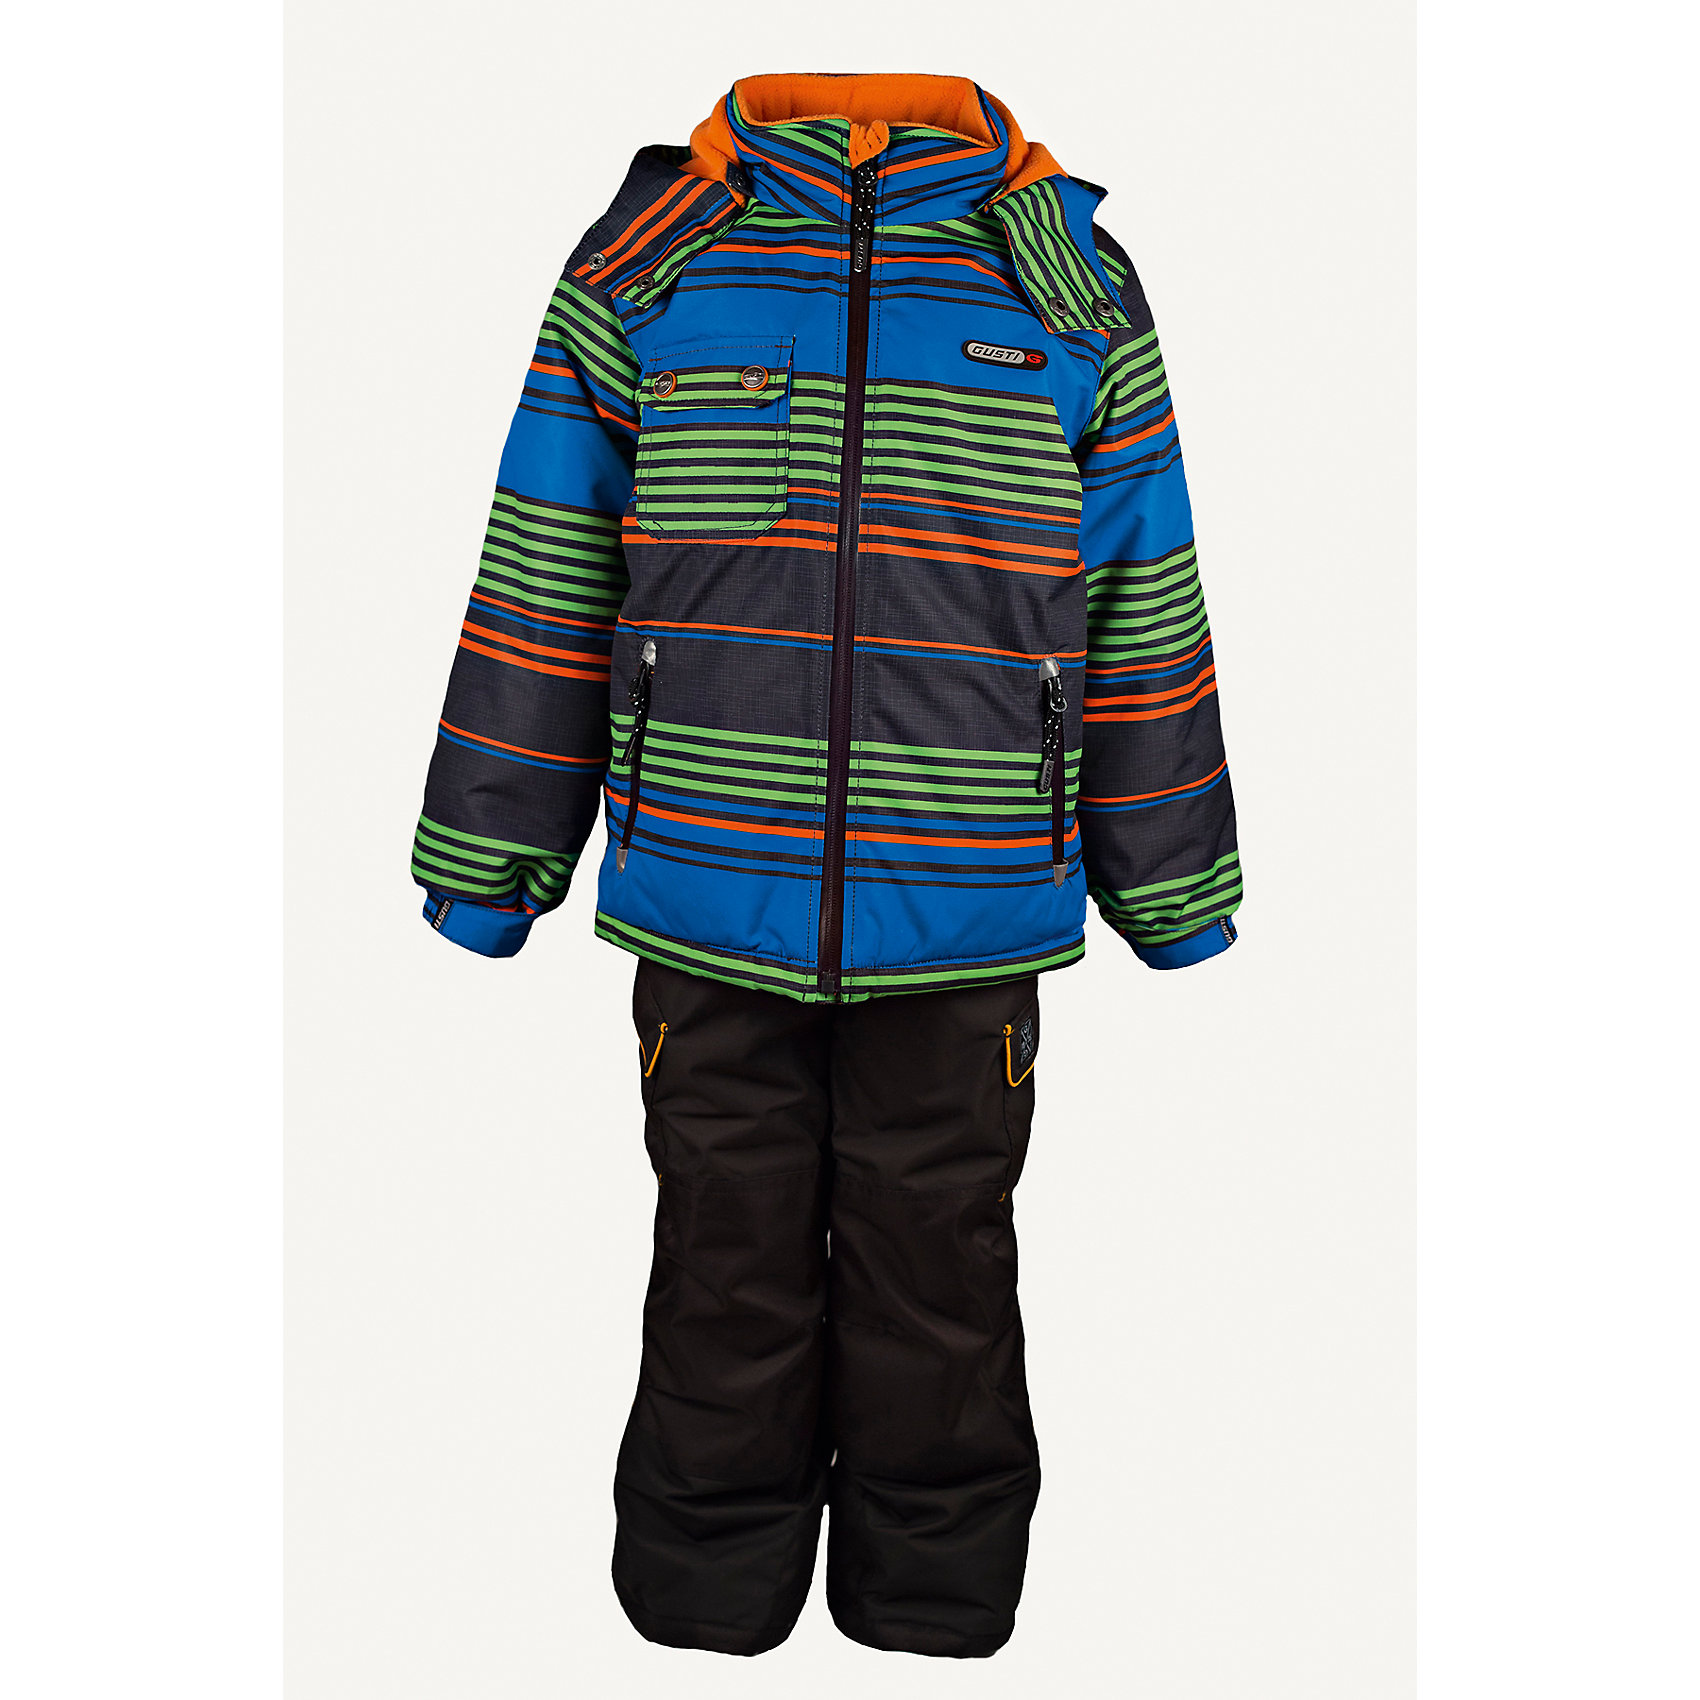 Комплект: куртка и полукомбинезон GUSTIКомплект: куртка и полукомбинезон GUSTI (ГУСТИ) – это идеальный вариант для суровой зимы с сильными морозами.<br><br>Температурный режим: до -30  градусов. Степень утепления – высокая. <br><br>* Температурный режим указан приблизительно — необходимо, прежде всего, ориентироваться на ощущения ребенка. Температурный режим работает в случае соблюдения правила многослойности – использования флисовой поддевы и термобелья.<br><br>Комплект от GUSTI (ГУСТИ) состоит из куртки и полукомбинезона прямого кроя, выполненных из плотного непромокаемого материала с защитной от влаги мембраной 5000 мм. Тань хорошо сохраняет тепло, отталкивает влагу и позволяет коже ребенка дышать. Утеплитель из тек-полифилла и флисовая внутренняя отделка на груди и на спинке дают возможность использовать комплект при очень низких температурах. Куртка застегивается на молнию, имеет накладной карман с клапаном, два внутренних кармана на молнии, снегозащитную юбку, трикотажные манжеты в рукавах,  отстёгивающийся капюшон с флисовой подкладкой. Низ рукавов регулируется с помощью липучек. Полукомбинезон застегивается на молнию, имеет два накладных кармана с клапанами, регулируемые лямки, снегозащитные гетры. Длина брючин регулируется (отворот с креплением на липе). Сзади, на коленях, и по низу брючин имеется дополнительный слой ткани Cordura Oxford (сверхстойкий полиэстер). До размера 6х (120 см.) у полукомбинезона высокая грудка, в размерах 7 (122 см.) -14 (164см) отстегивающаяся спинка, грудки нет. Модель подходит для прогулок на морозе до -30 градусов.<br><br>Дополнительная информация:<br><br>- Сезон: зима<br>- Пол: мальчик<br>- Цвет: мультиколор, черный<br>- Узор: полоска<br>- Температурный режим до -30 градусов<br>- Материал верха: куртка - shuss 5000мм (100% полиэстер); брюки - taslan 5000мм, накладки Cordura Oxford сзади, на коленях, и по низу брючин<br>- Наполнитель: куртка - тек-полифилл плотностью 283 гр/м (10 унций) 100% полиэстер; брюки - тек-полифилл плот